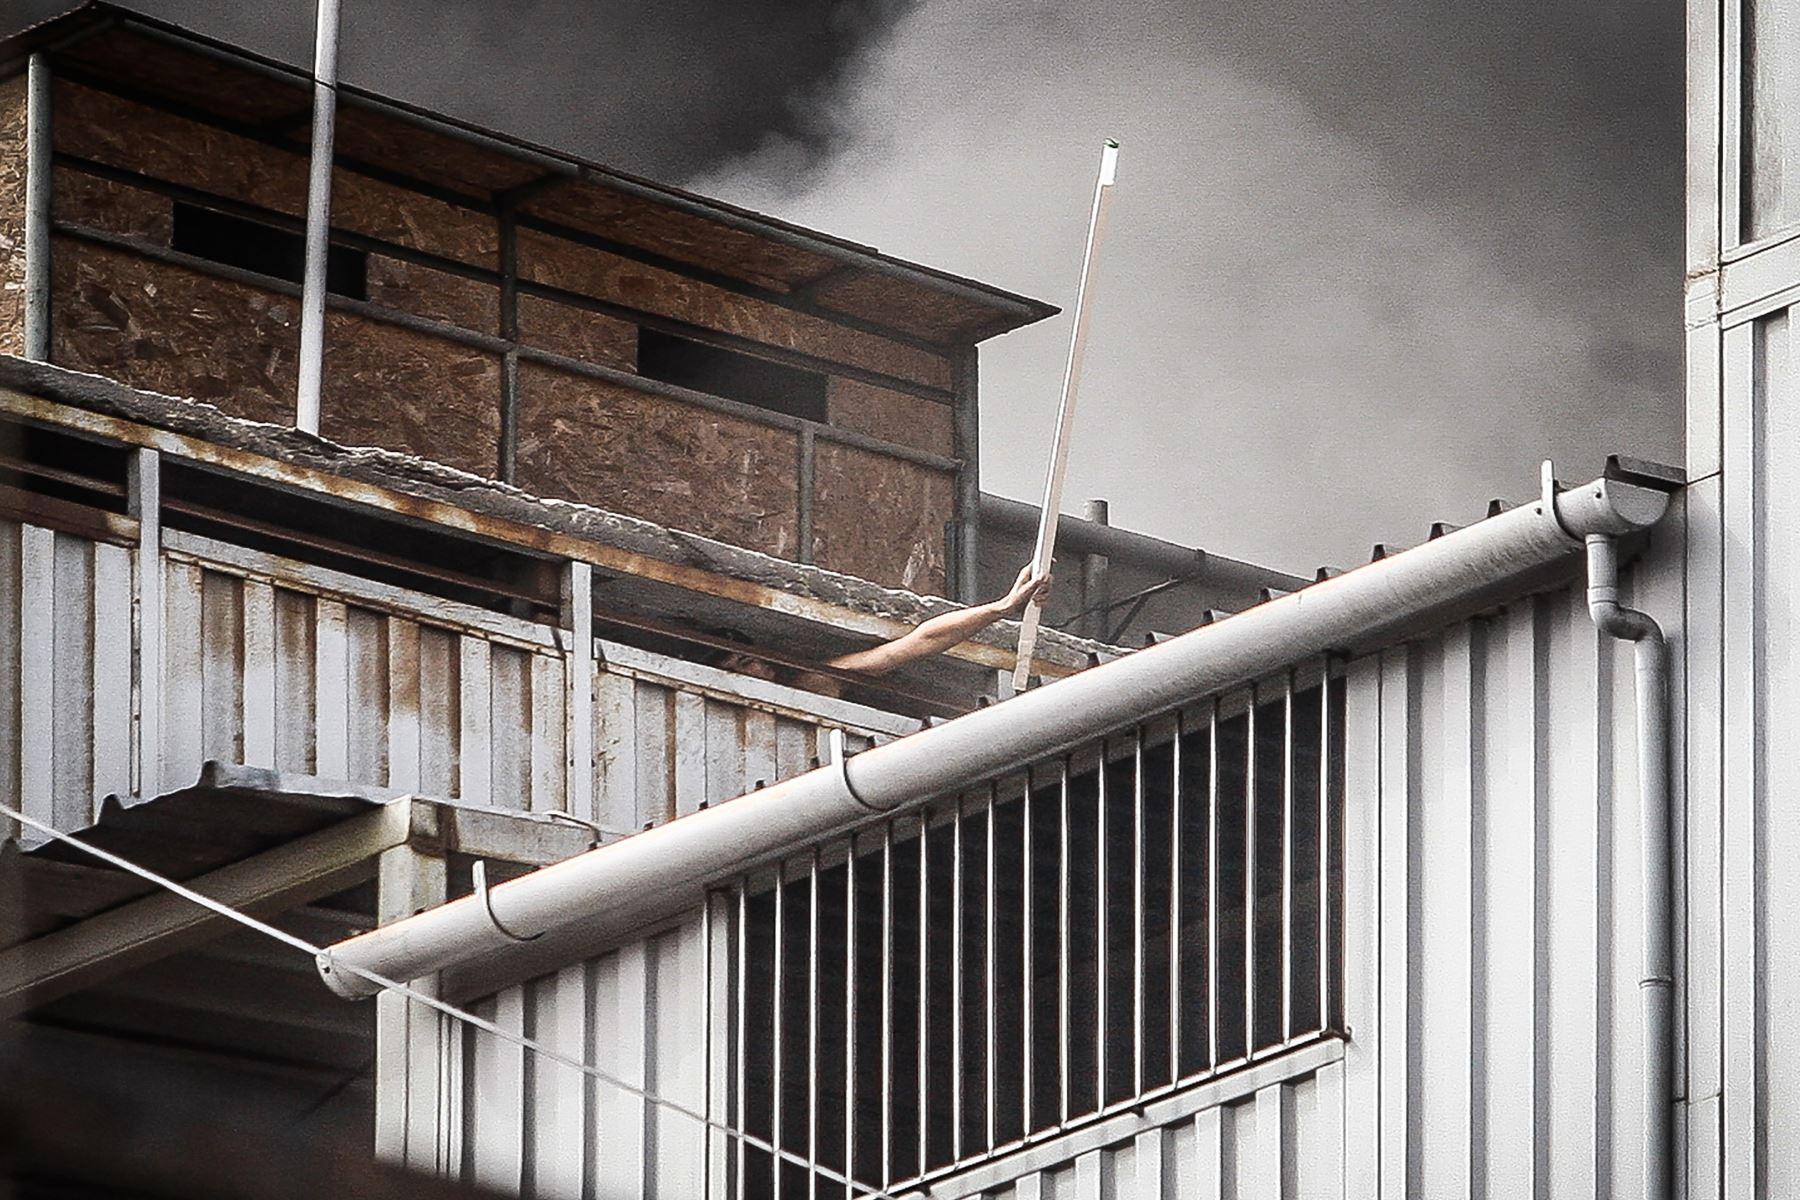 Fotografía tomada el 22 junio 2017 / Un incendio se registra en un edificio ubicado cerca a la zona comercial Las Malvinas, en el Cercado de Lima.  Foto: ANDINA/ Eddy Ramos